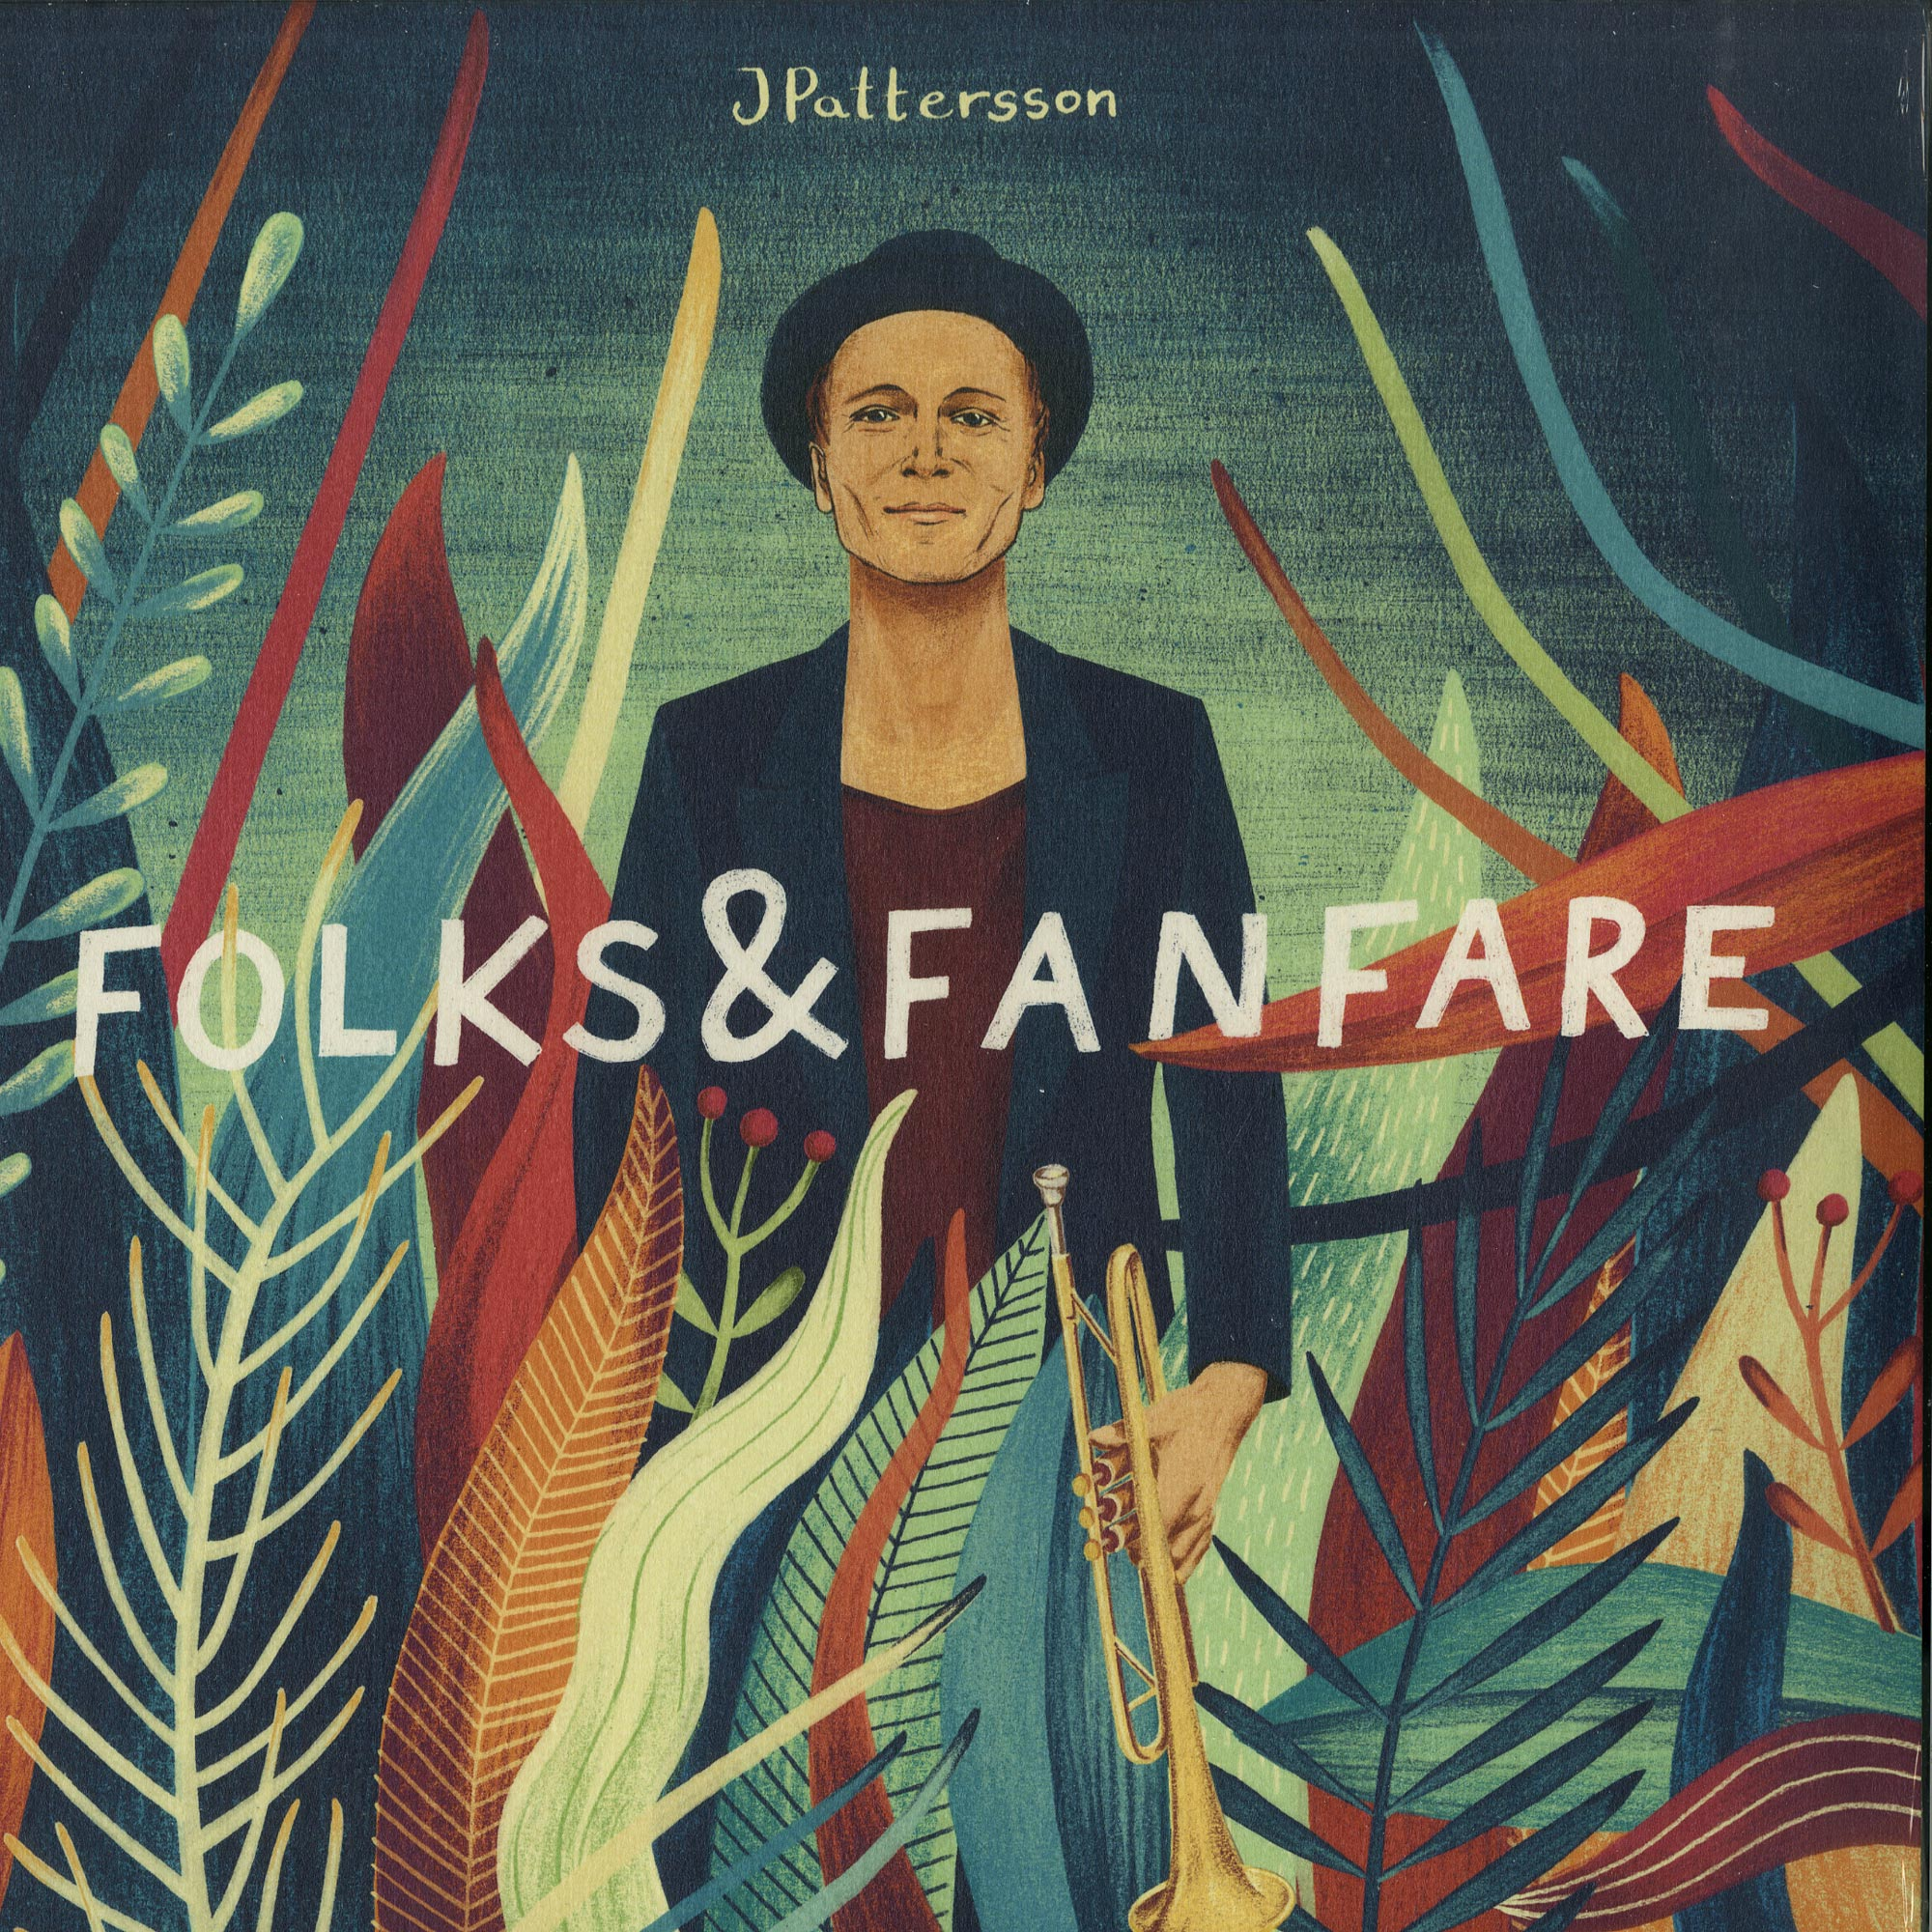 JPatterson - FOLKS & FANFARE